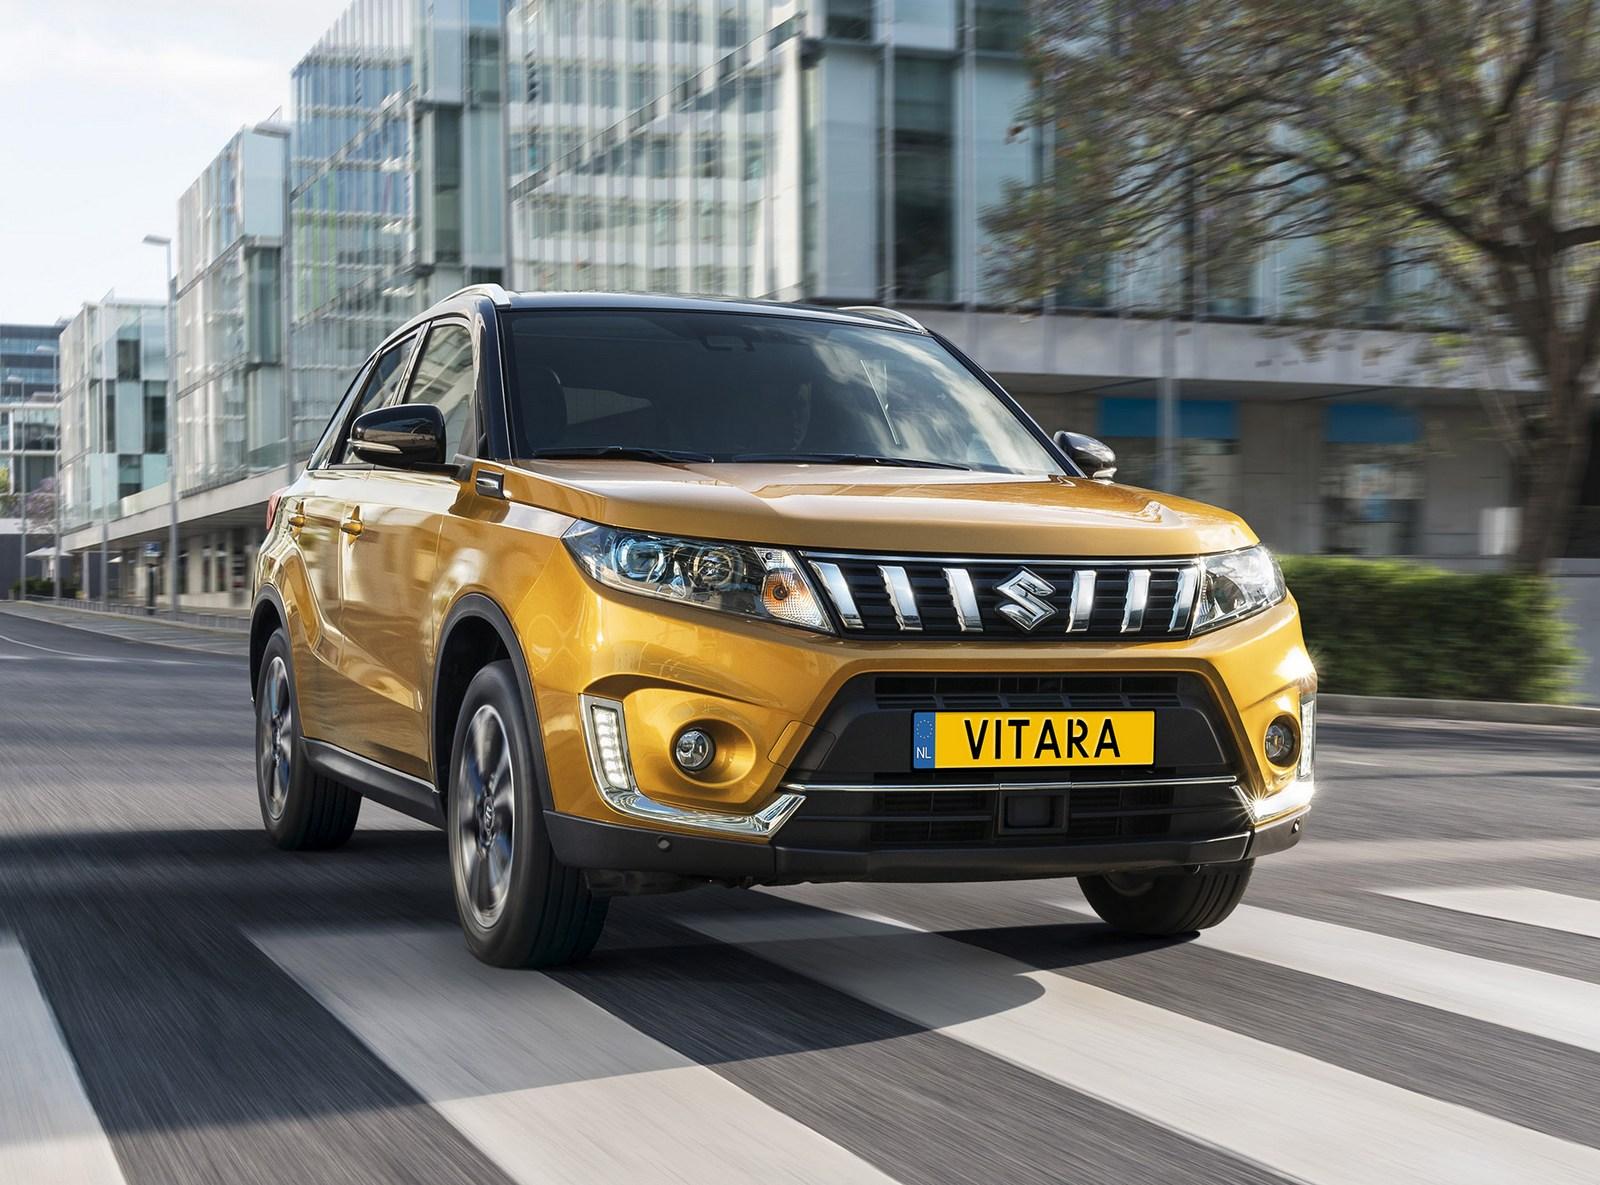 Новая Suzuki Vitara для Европы: фото салона, цены и пропавший дизель